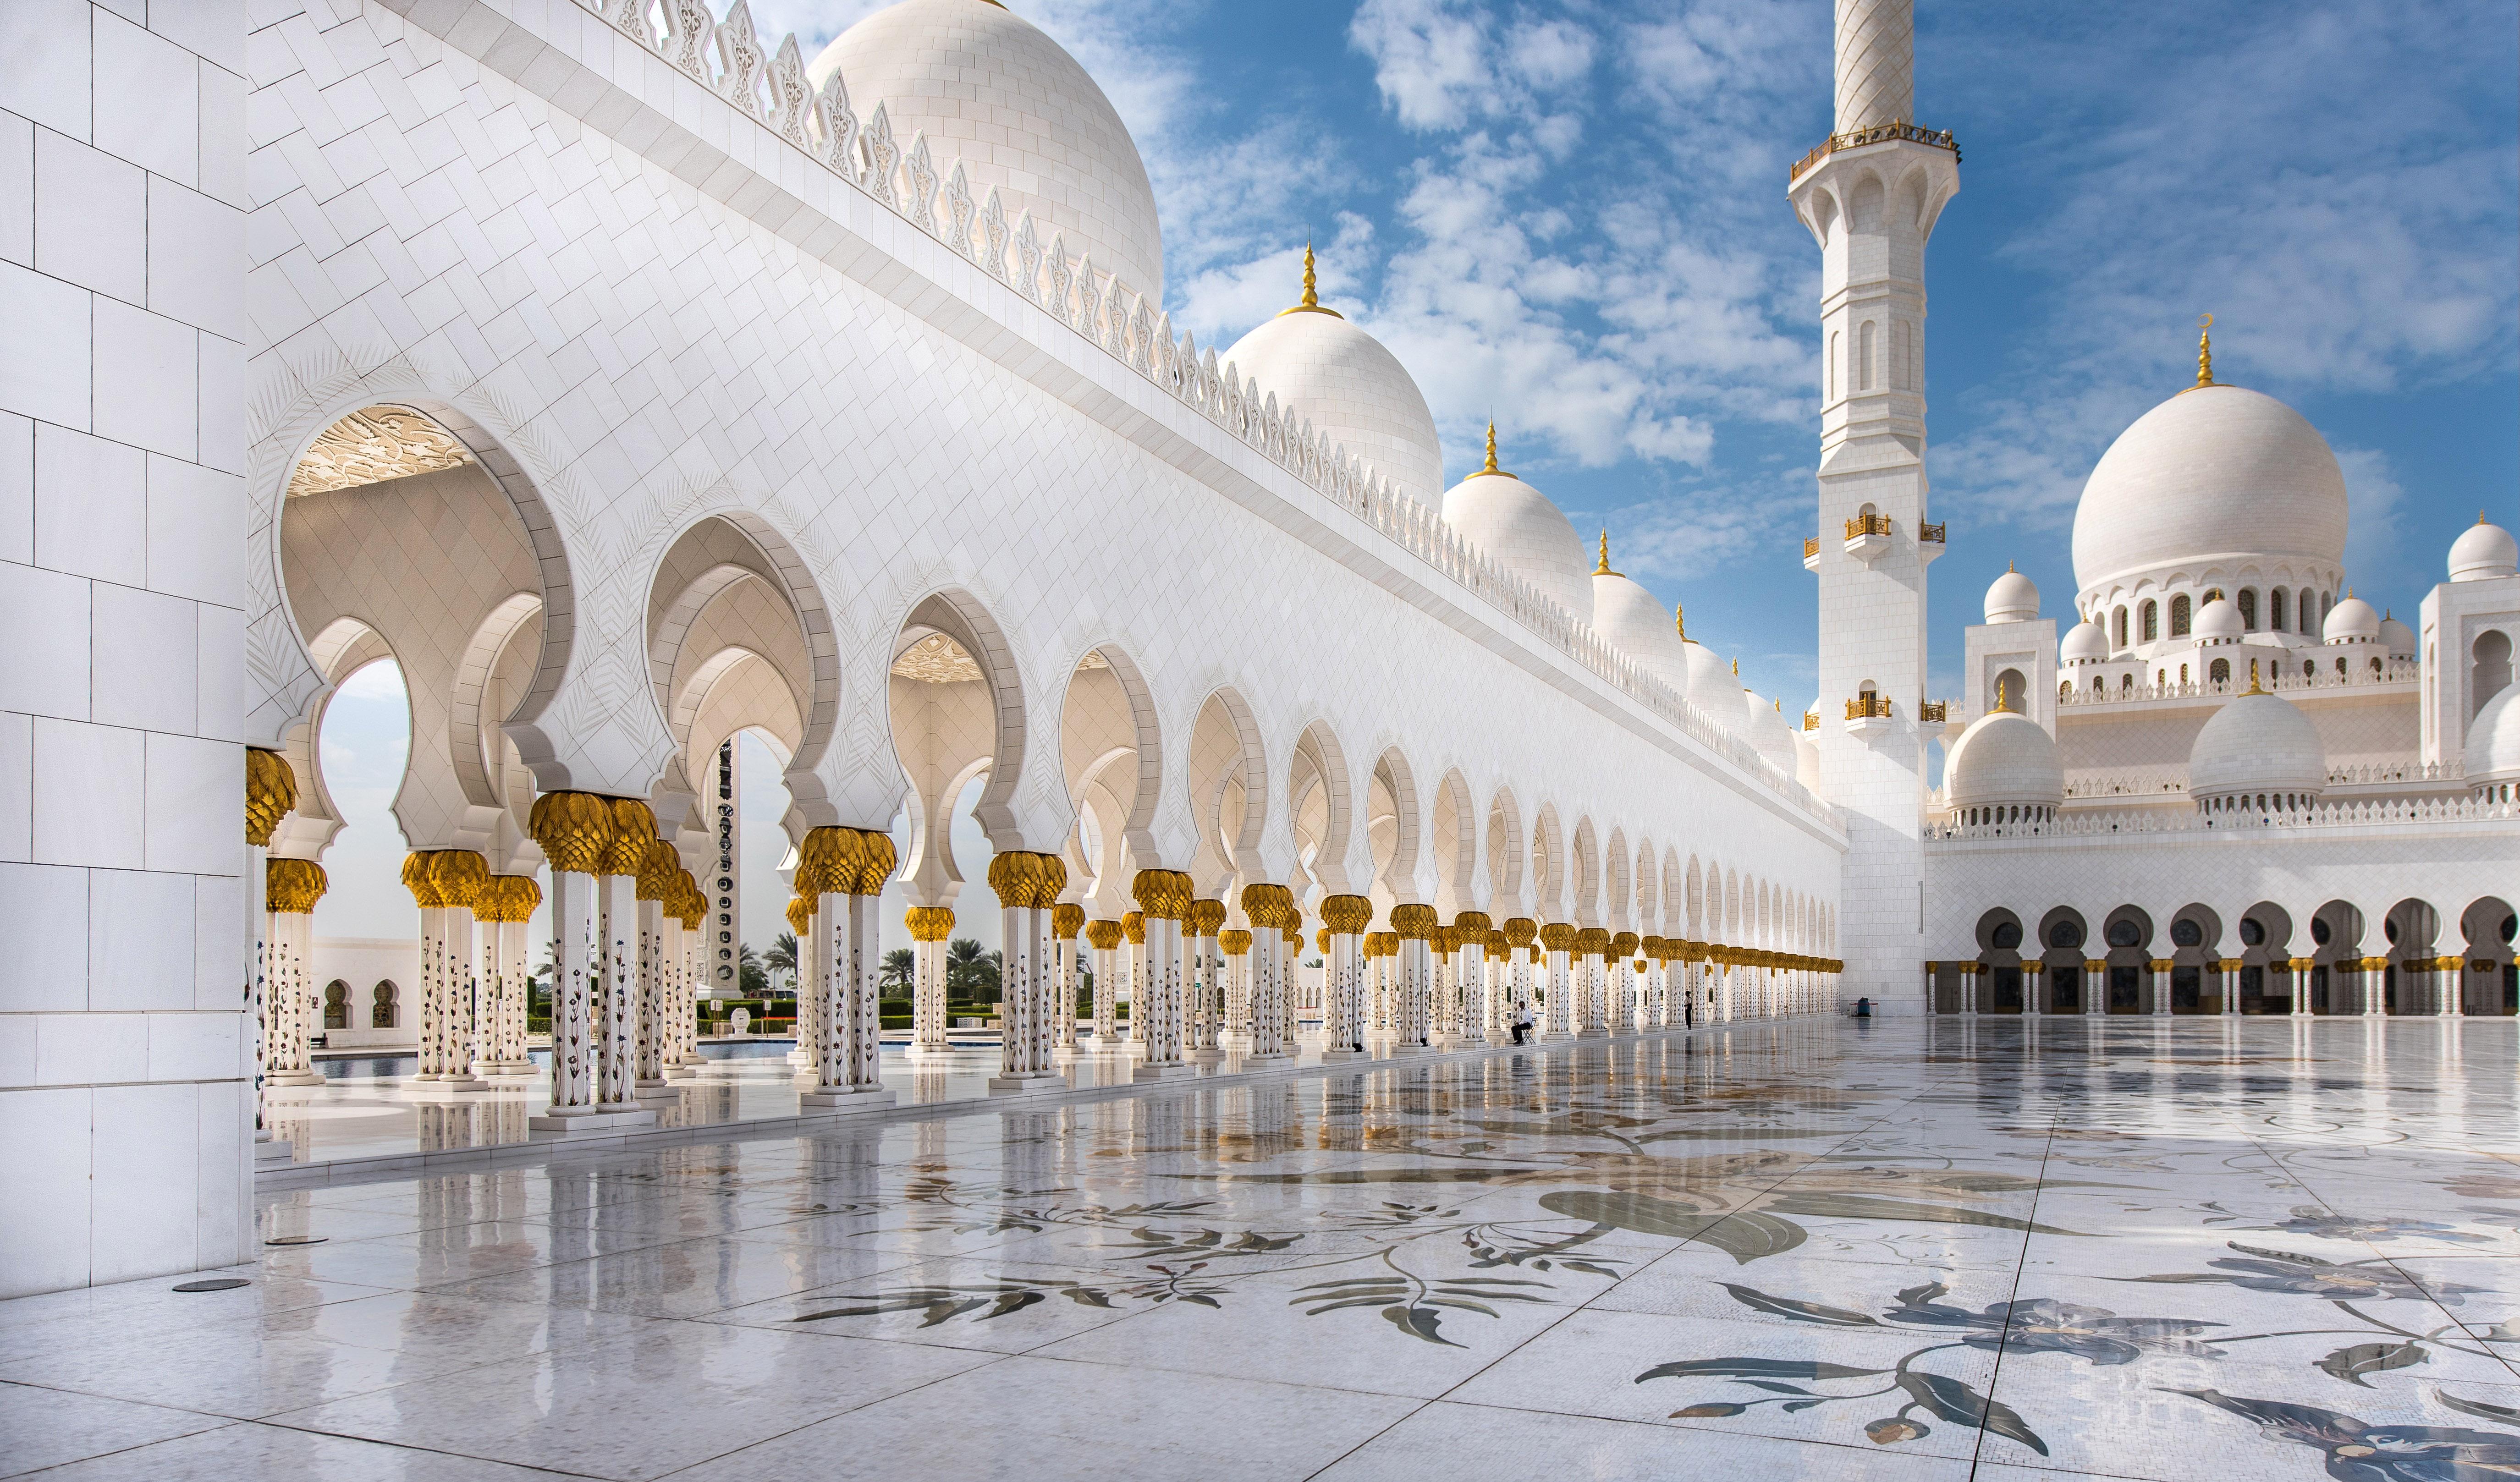 palace-court-at-abu-dhabi-united-arab-emirates-uae